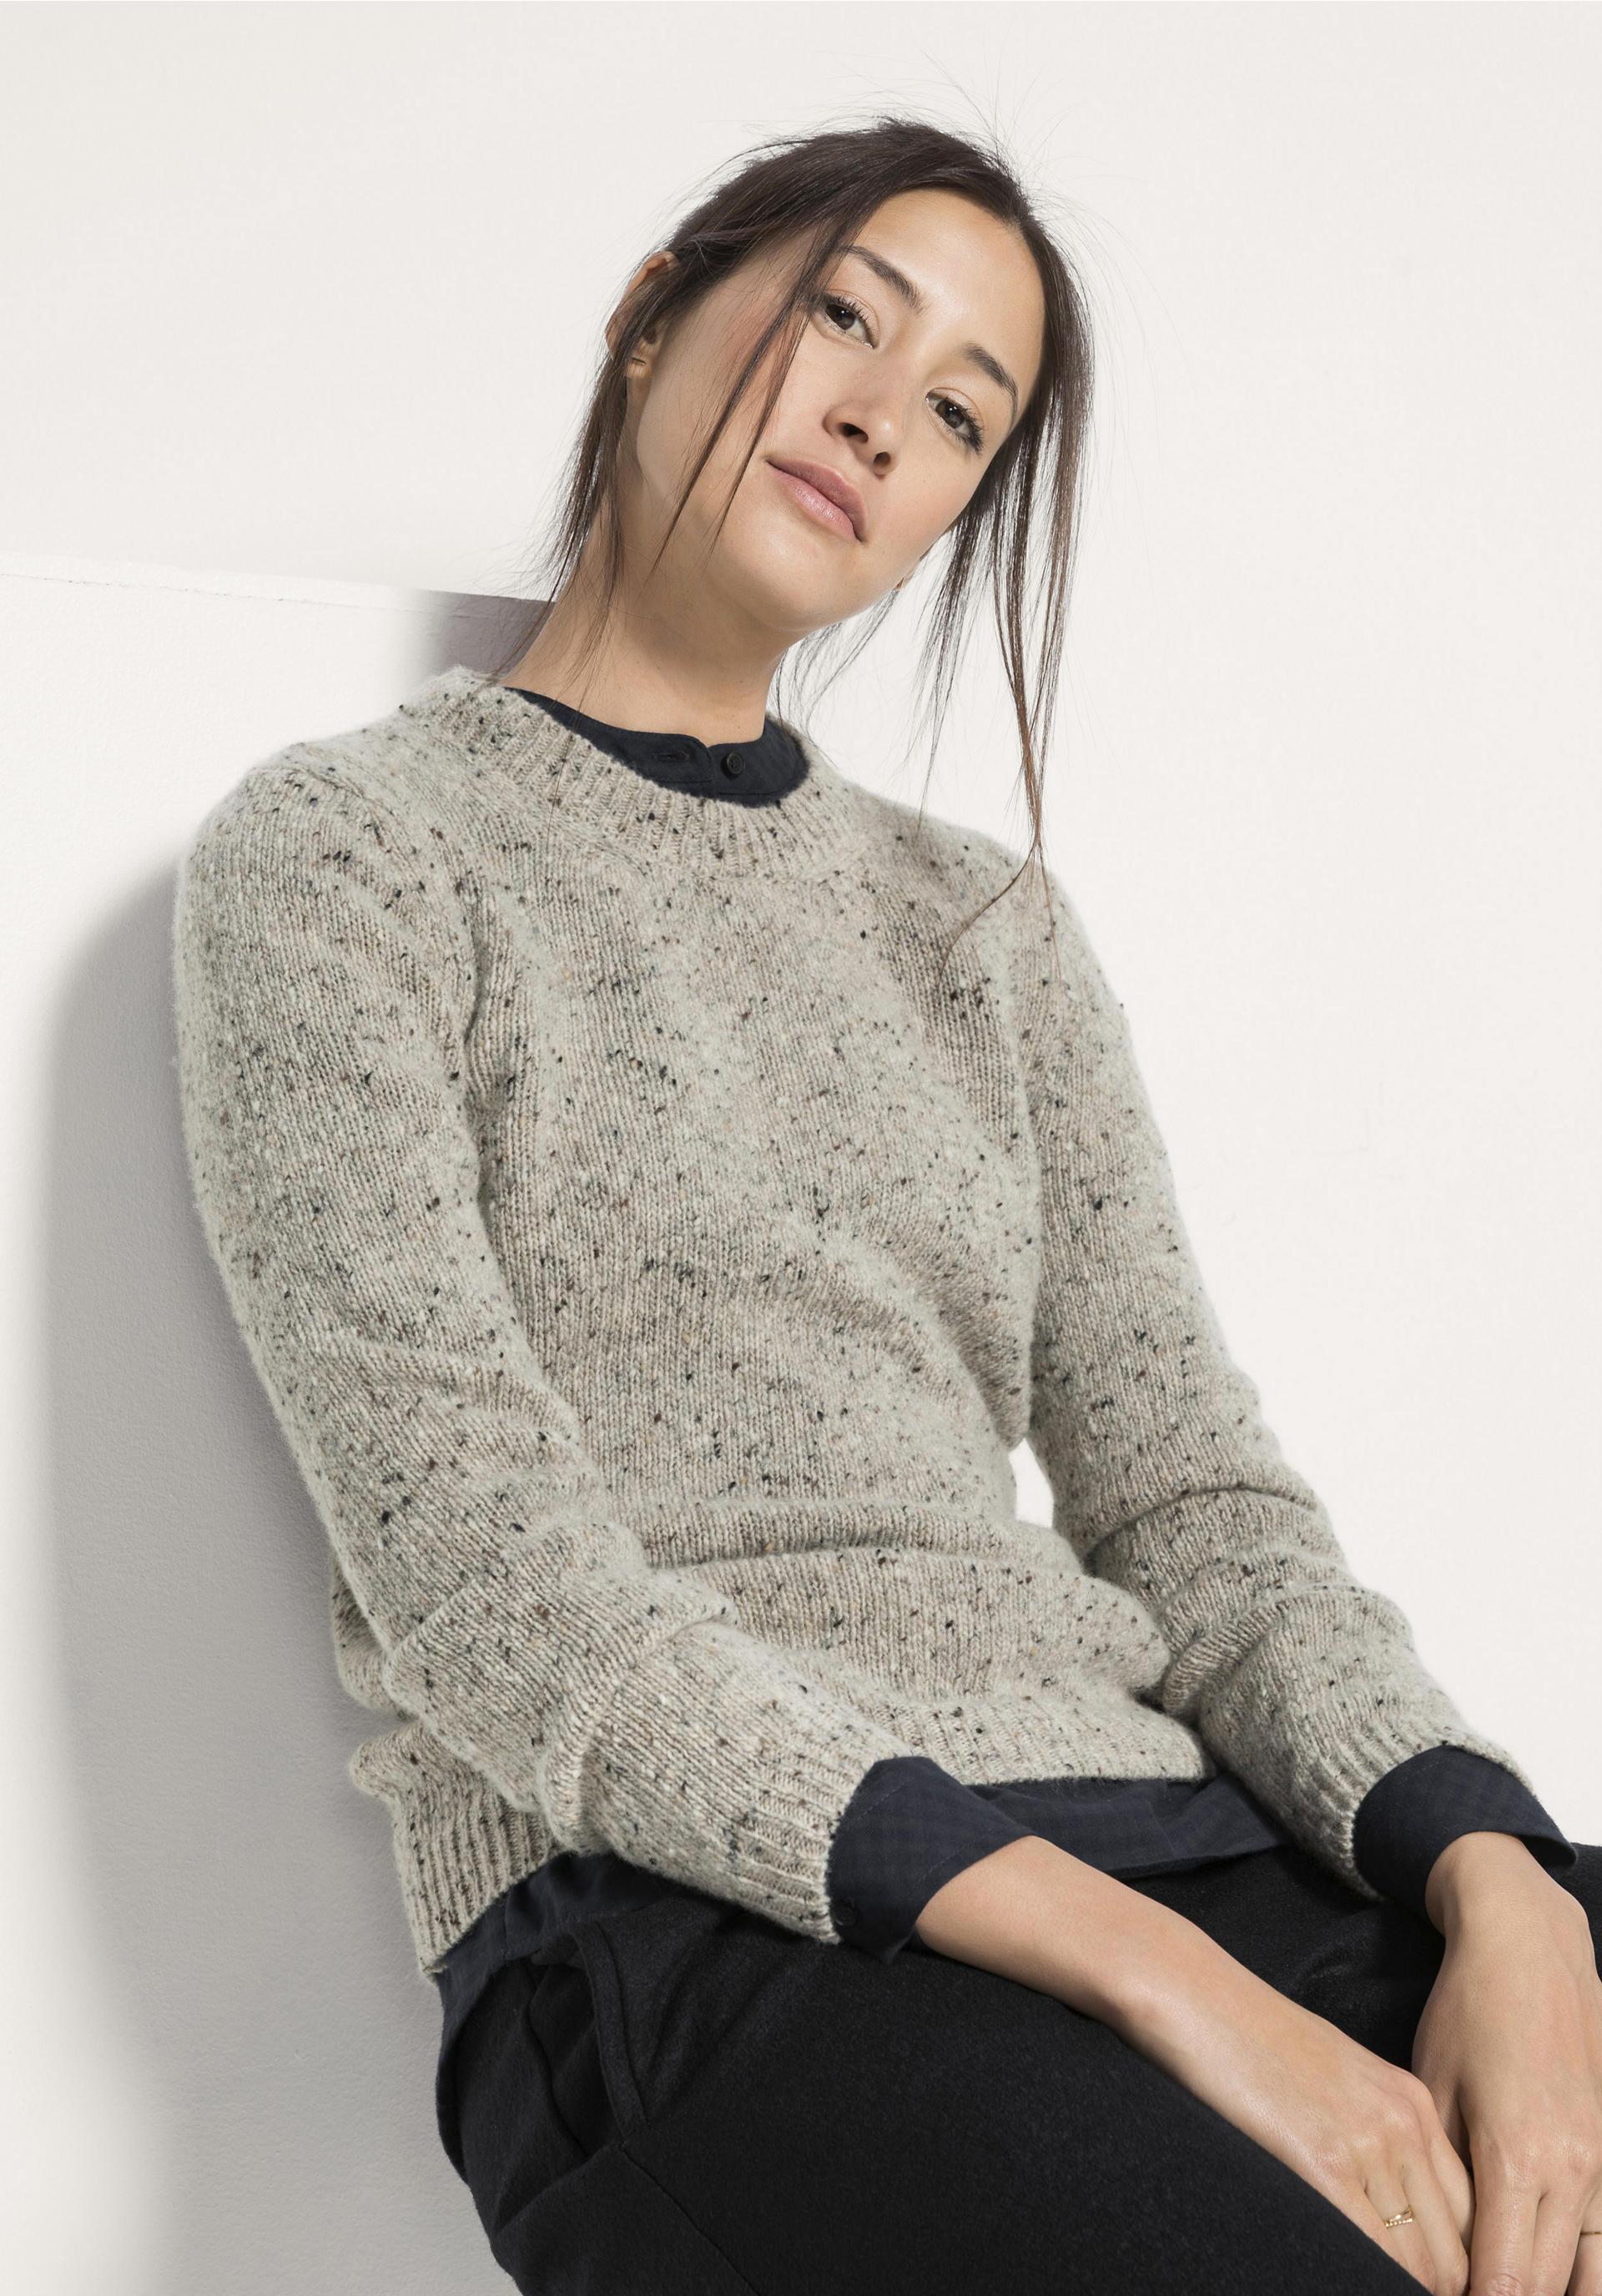 herausragende Eigenschaften konkurrenzfähiger Preis Sonderkauf Tweed-Pullover aus reiner Schurwolle - hessnatur Deutschland